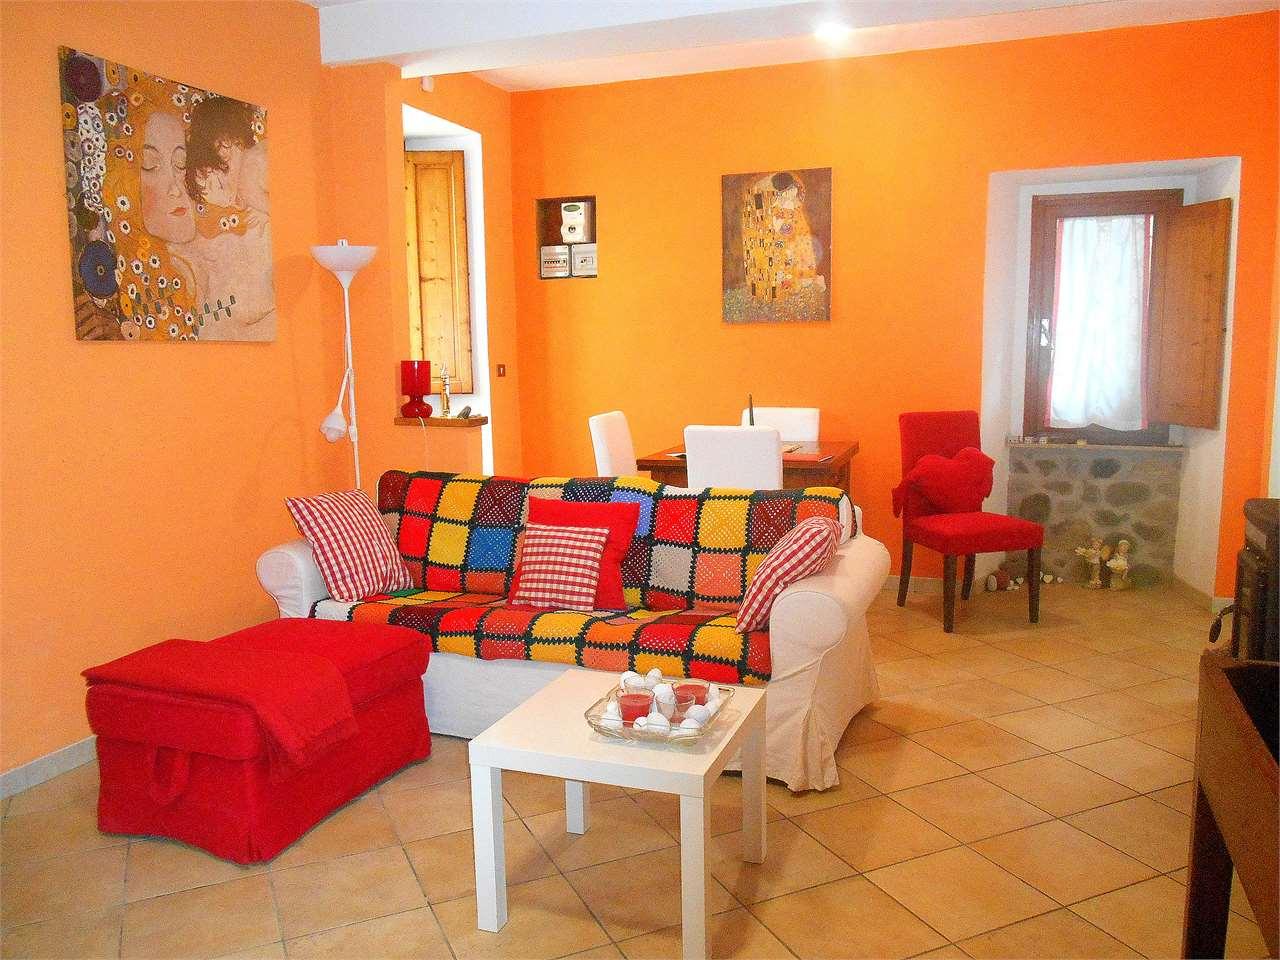 Appartamento in vendita a Borgo a Mozzano, 8 locali, zona Zona: Diecimo, prezzo € 120.000 | CambioCasa.it